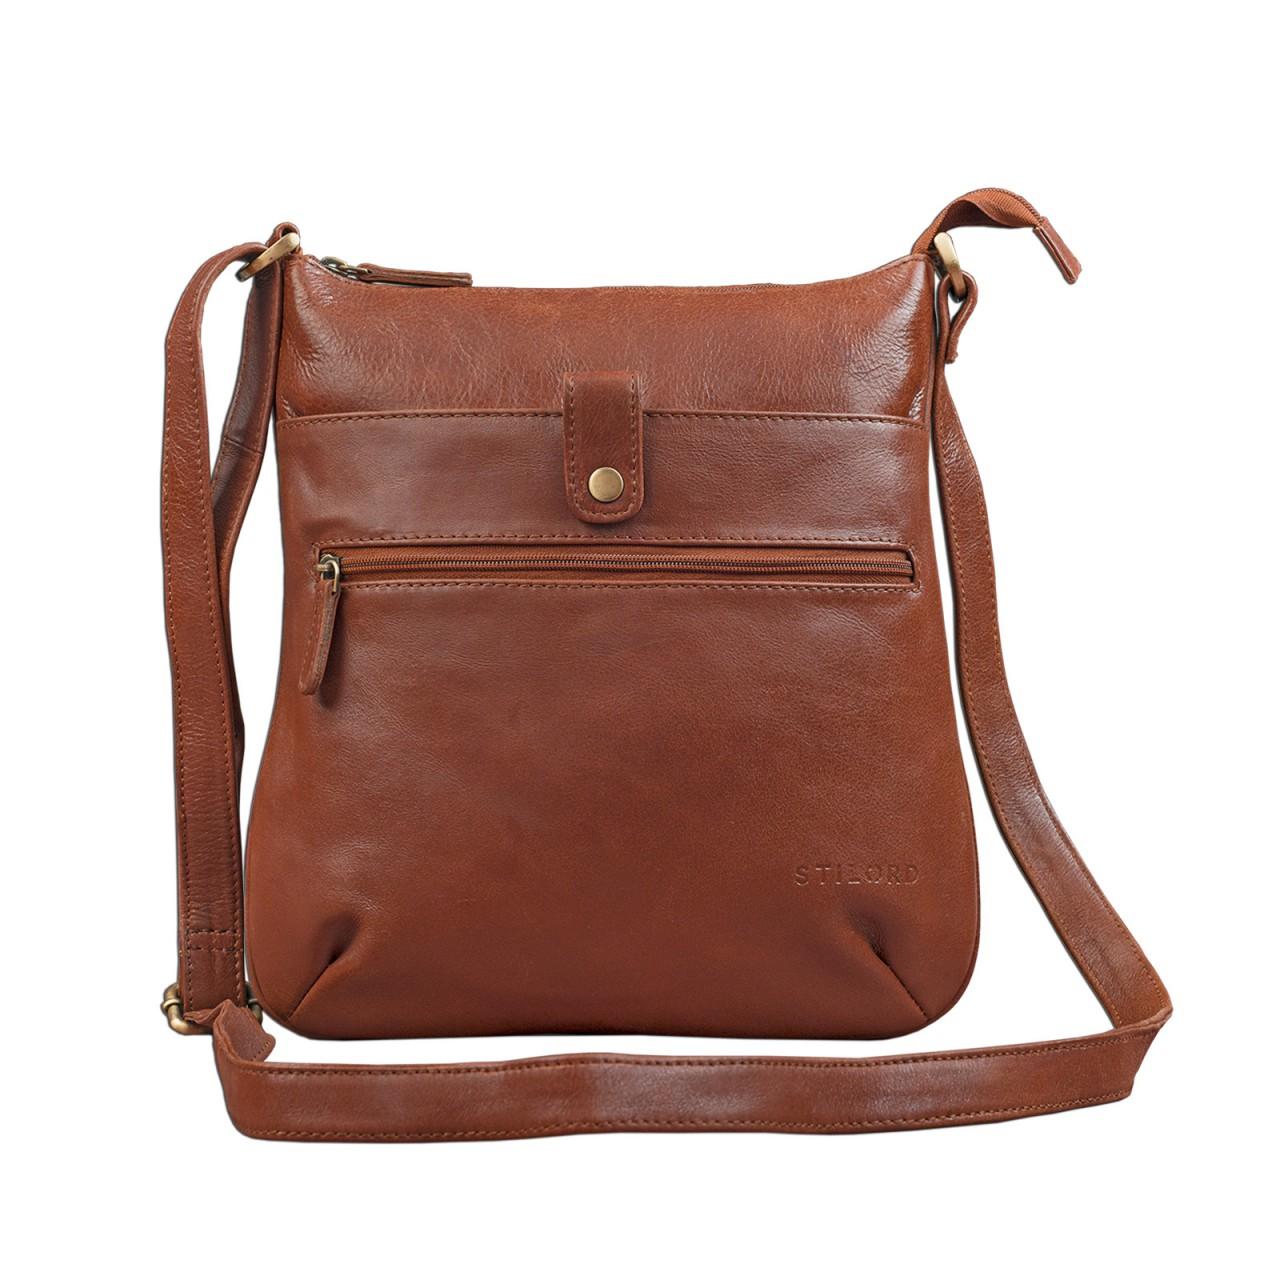 """STILORD """"Lina"""" Elegante Vintage Damen Umhängetasche Schultertasche klein Abendtasche klassische Handtasche 10.1 Zoll Tablettasche echtes Leder - Bild 9"""